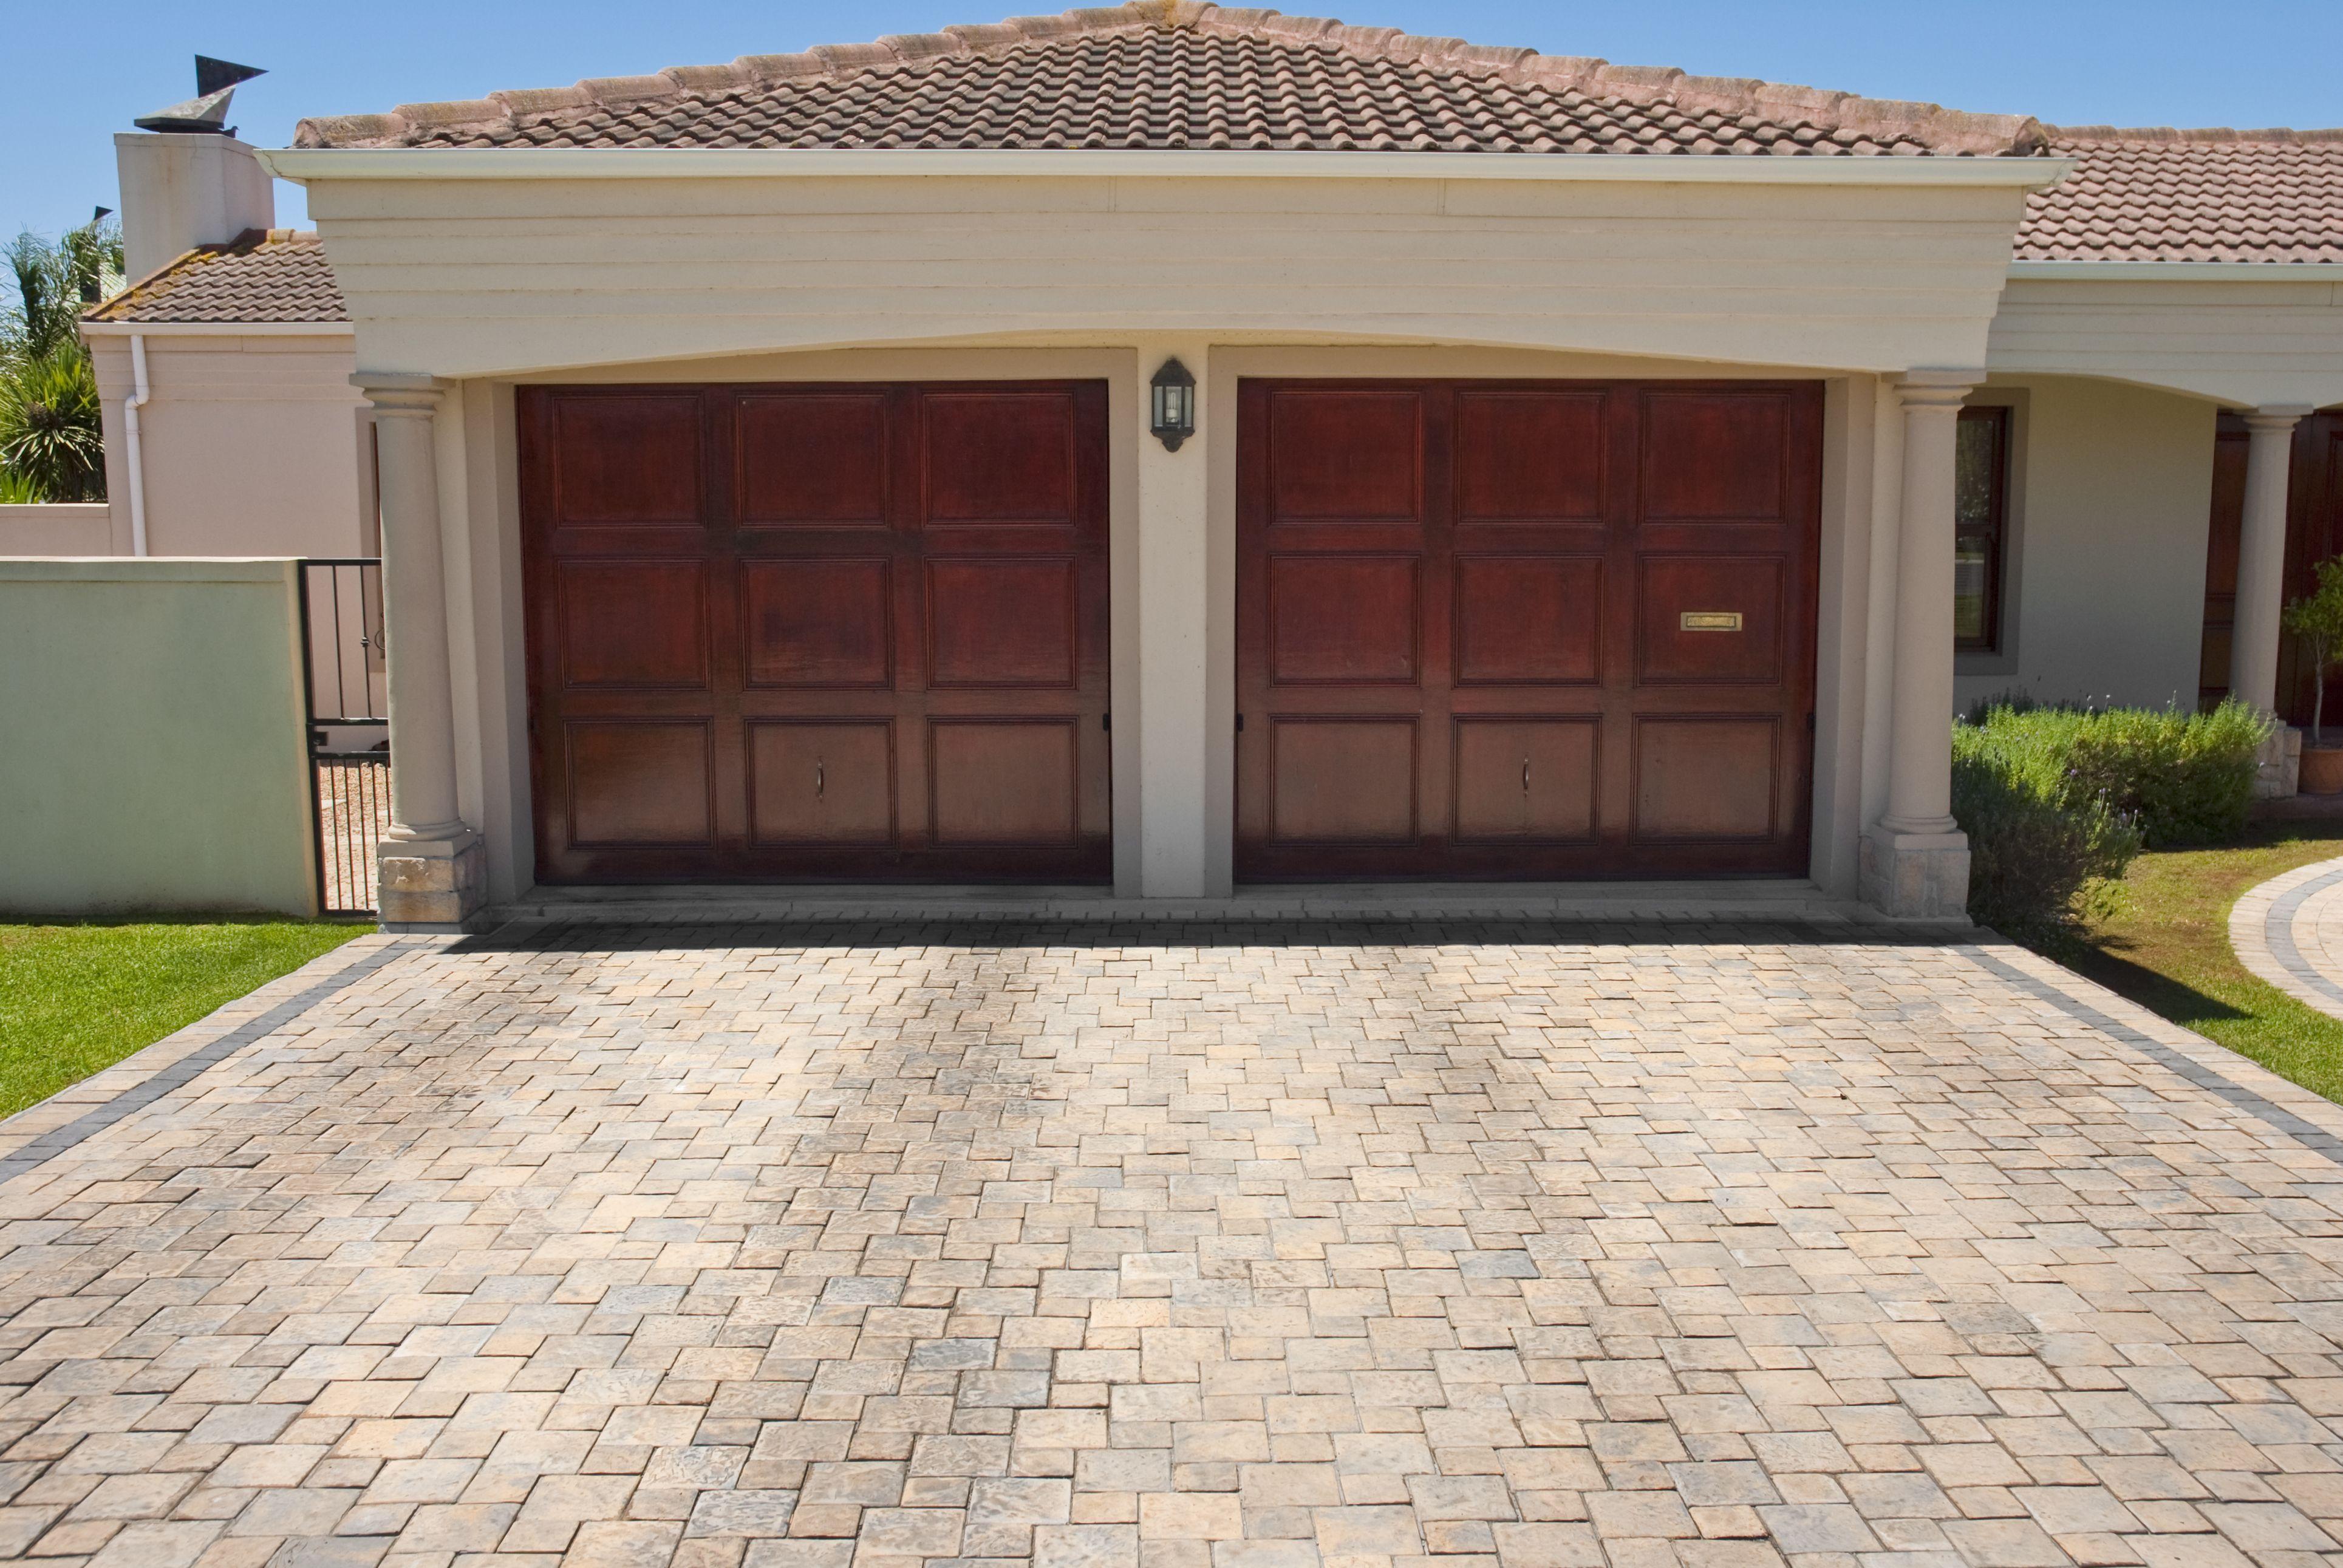 Garage Door Repair Helena Mt 59602 Garagedoorservice Garagedoorrepair Mobileservicegaragedoorrepair Mobilegaragedoorinstallations